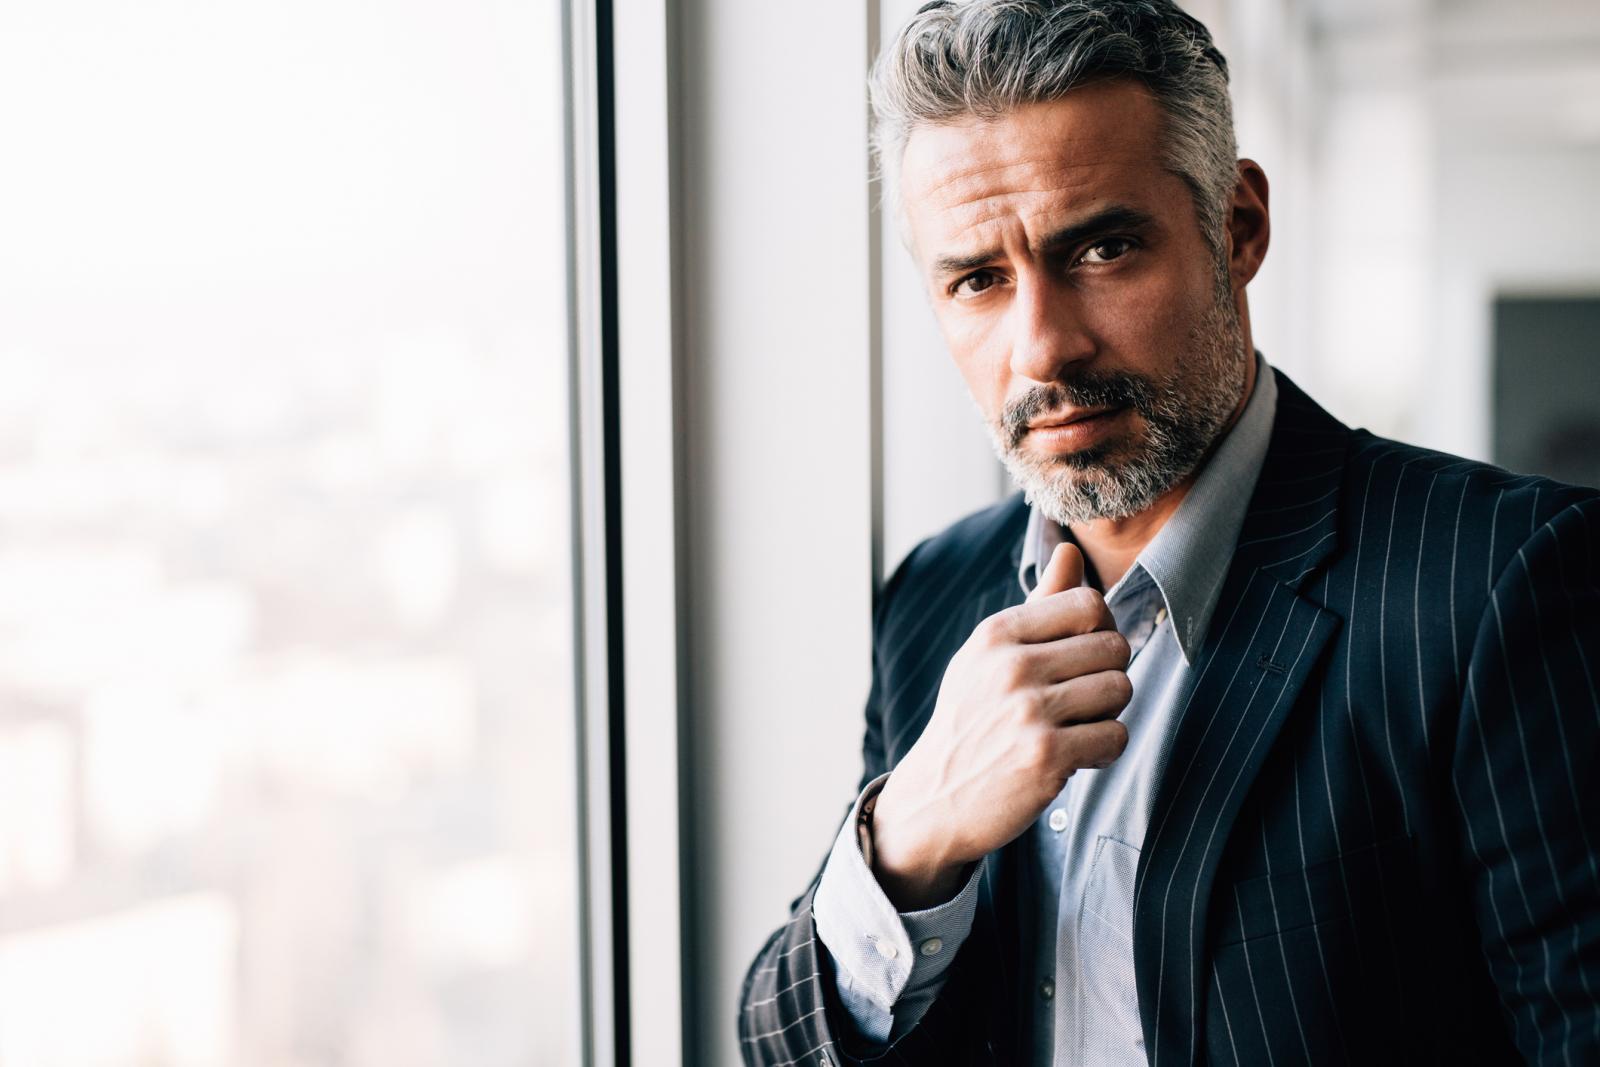 Sad znamo zašto muškarci, primjerice, mogu imati crnu bradu, a sijedu kosu... Jako zanimljivo.